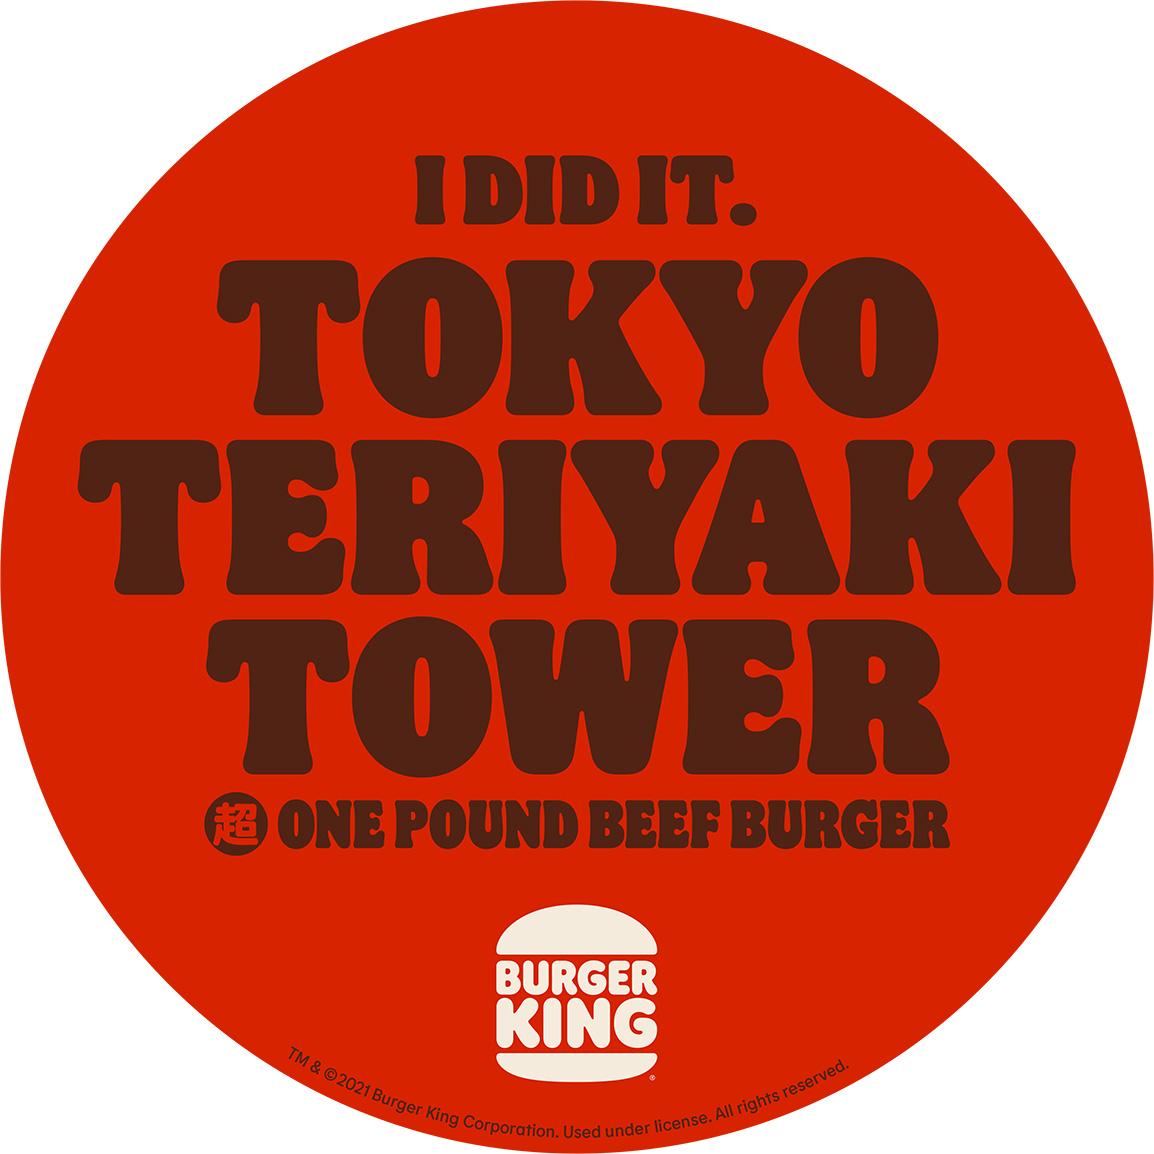 差し替え用画像【BK】東京テリヤキタワー_ステッカー